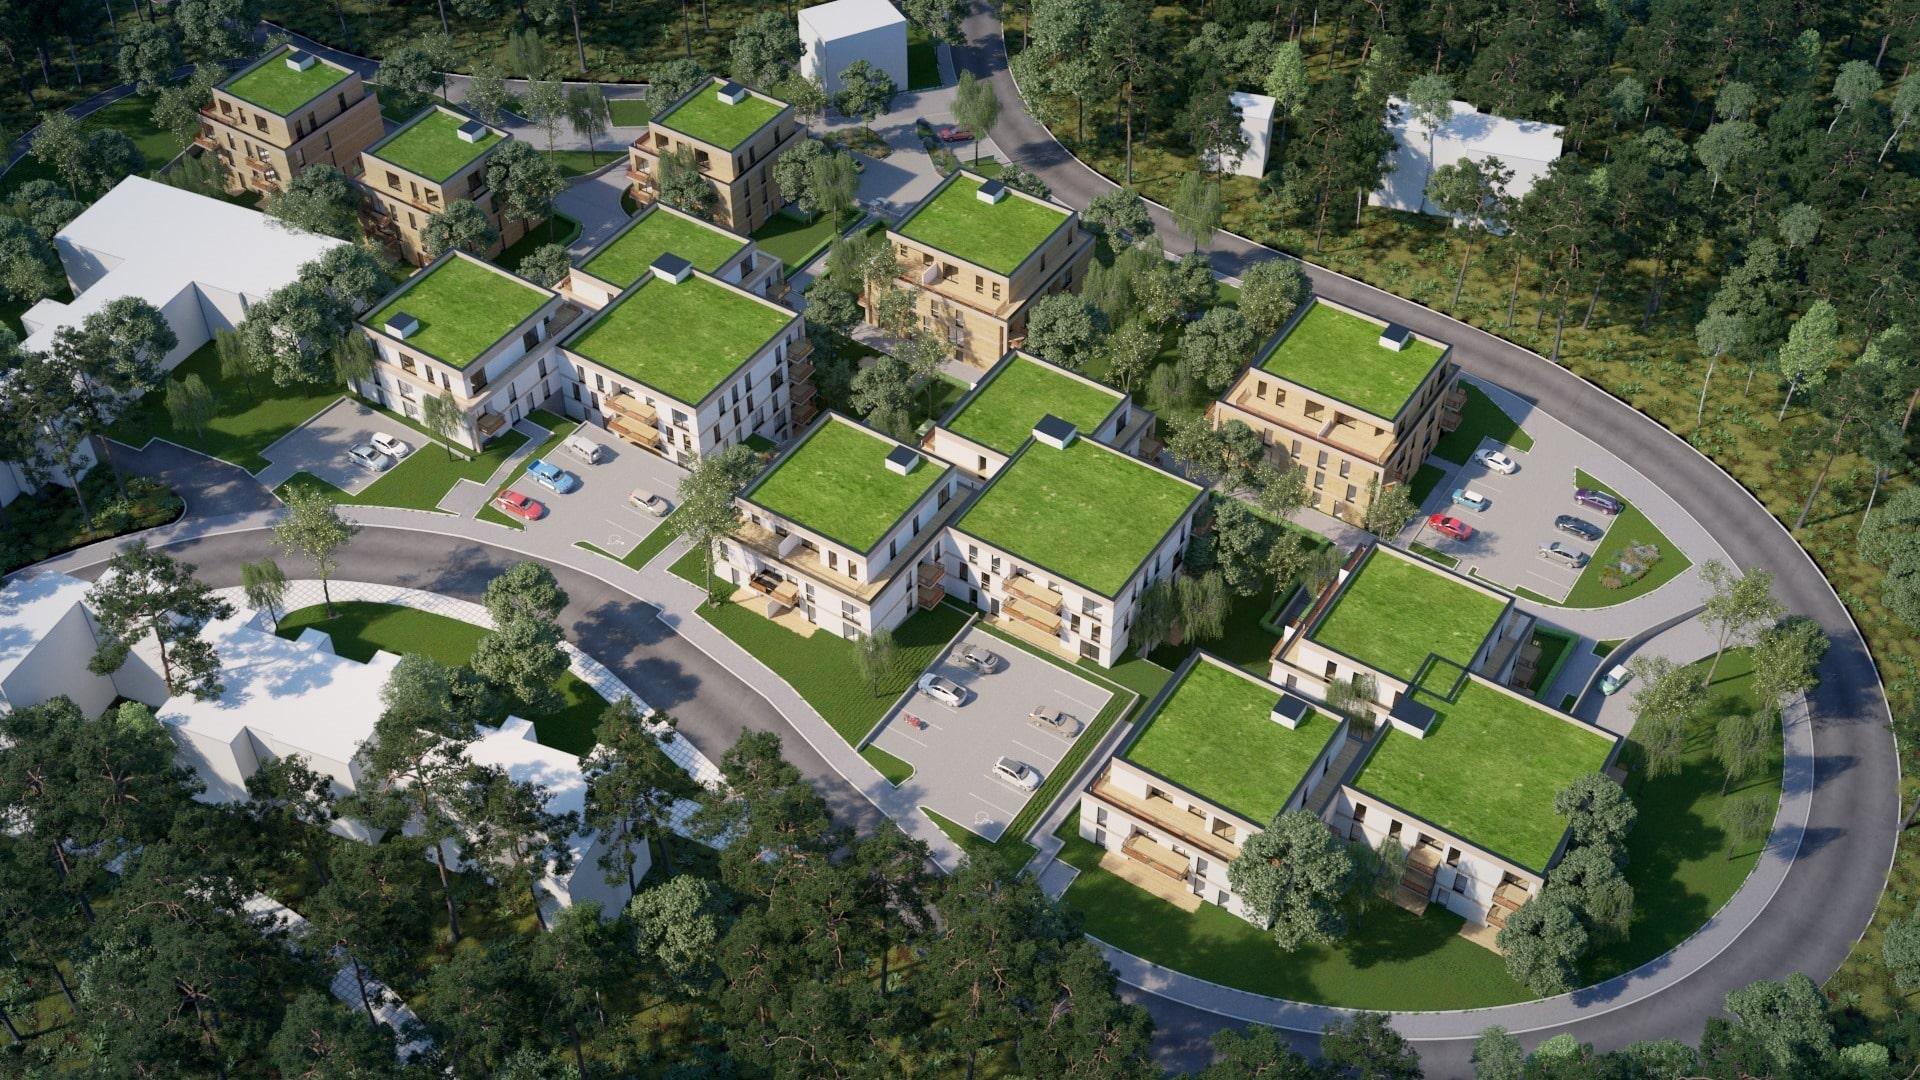 Service-Wohnung in Alsdorf-Ofden: Hohe Lebensqualität in allen Bereichen